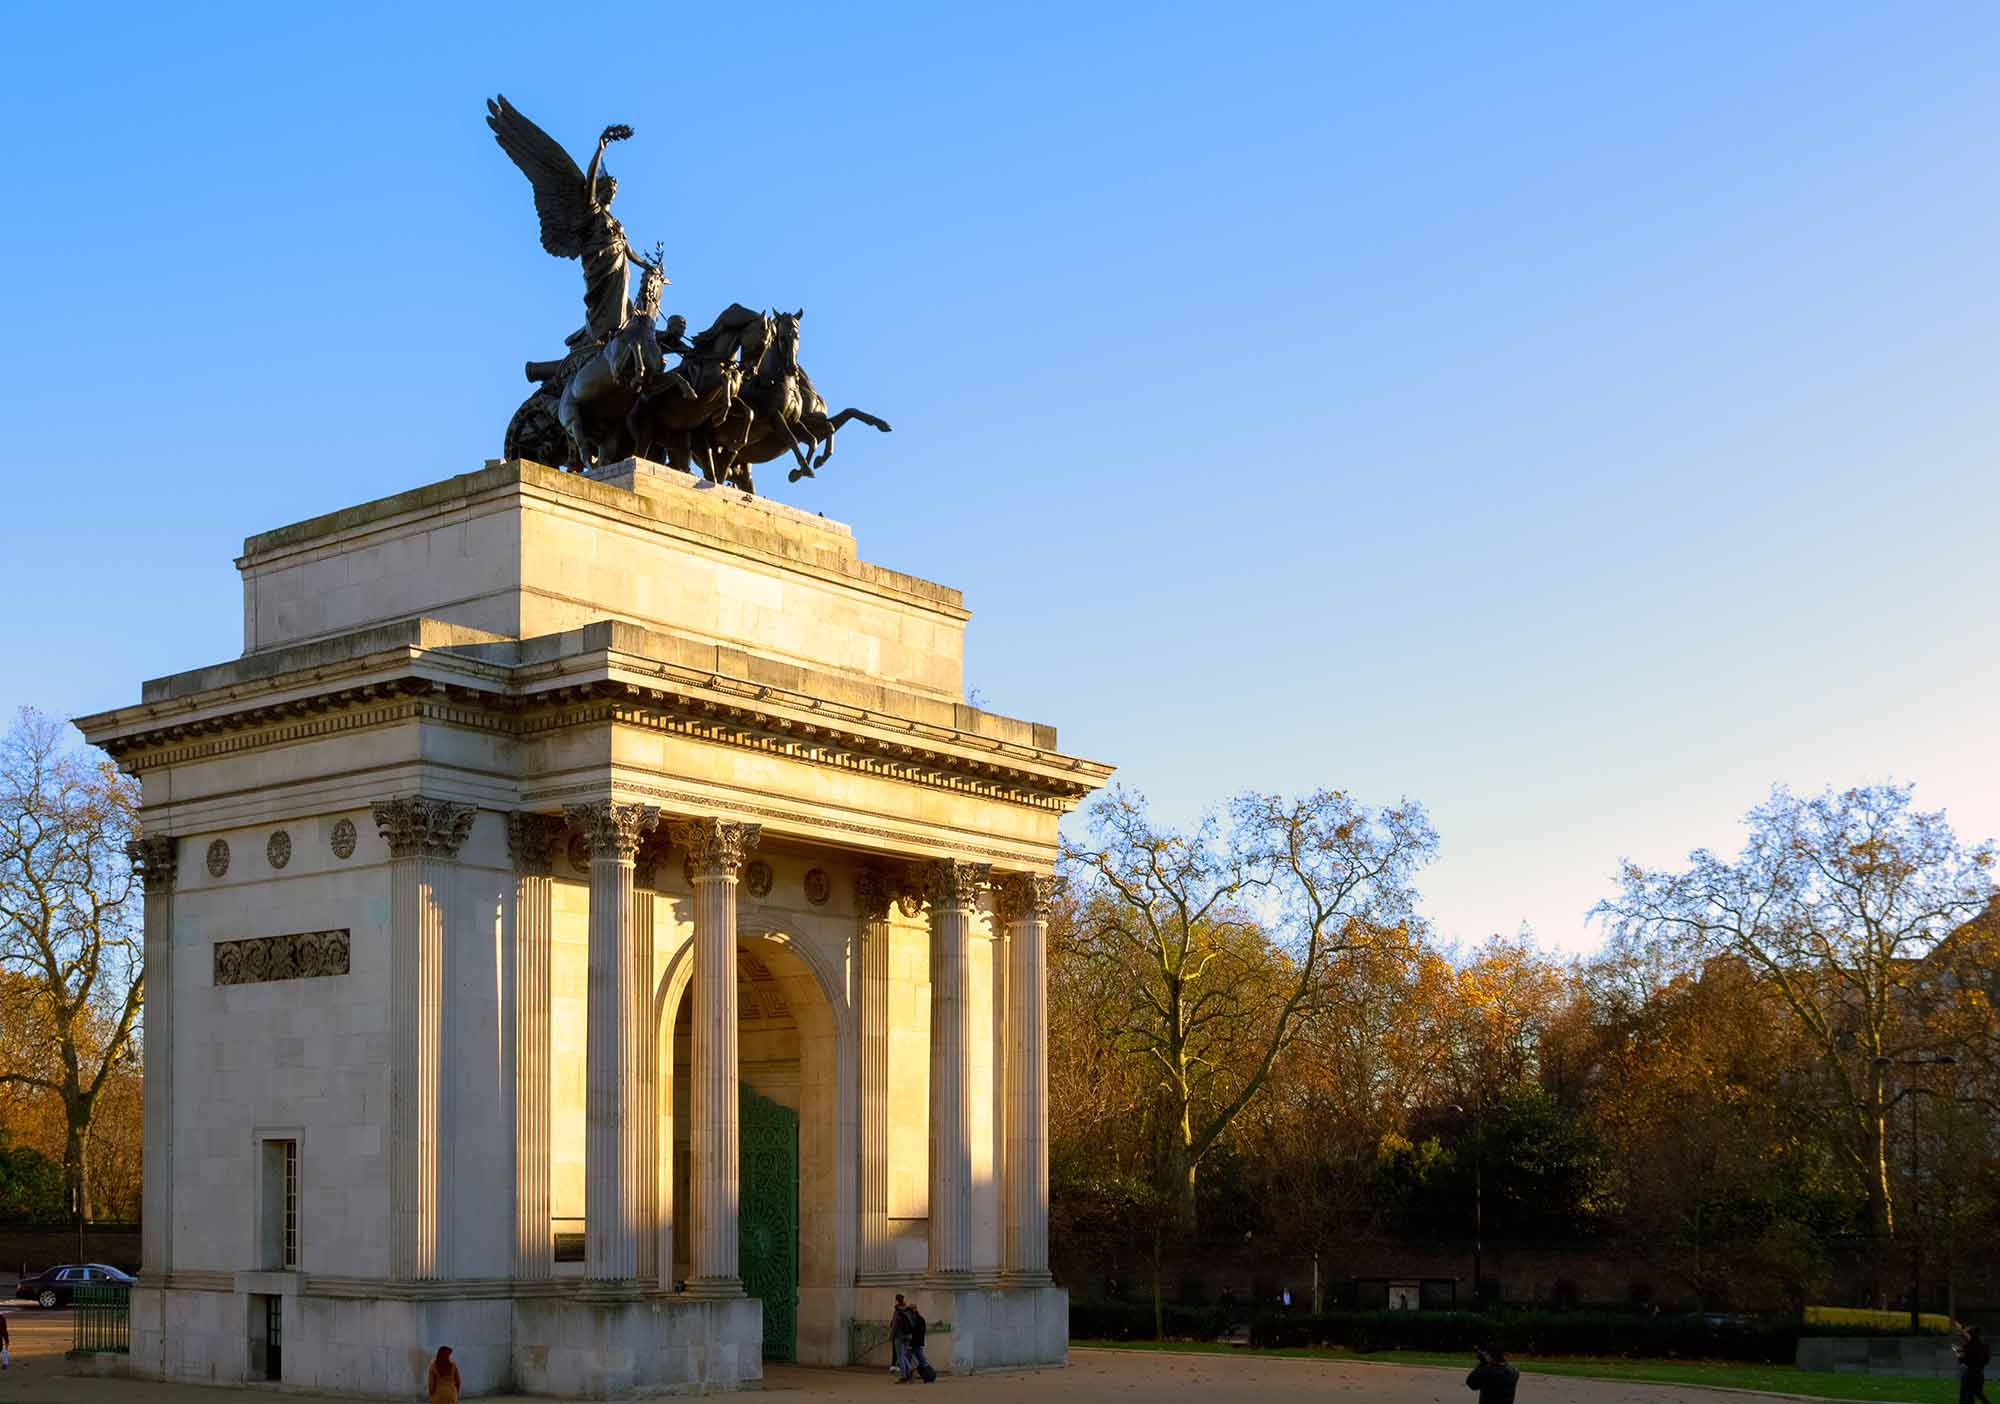 вид сбоку на Арку Веллингтона в Лондоне фото